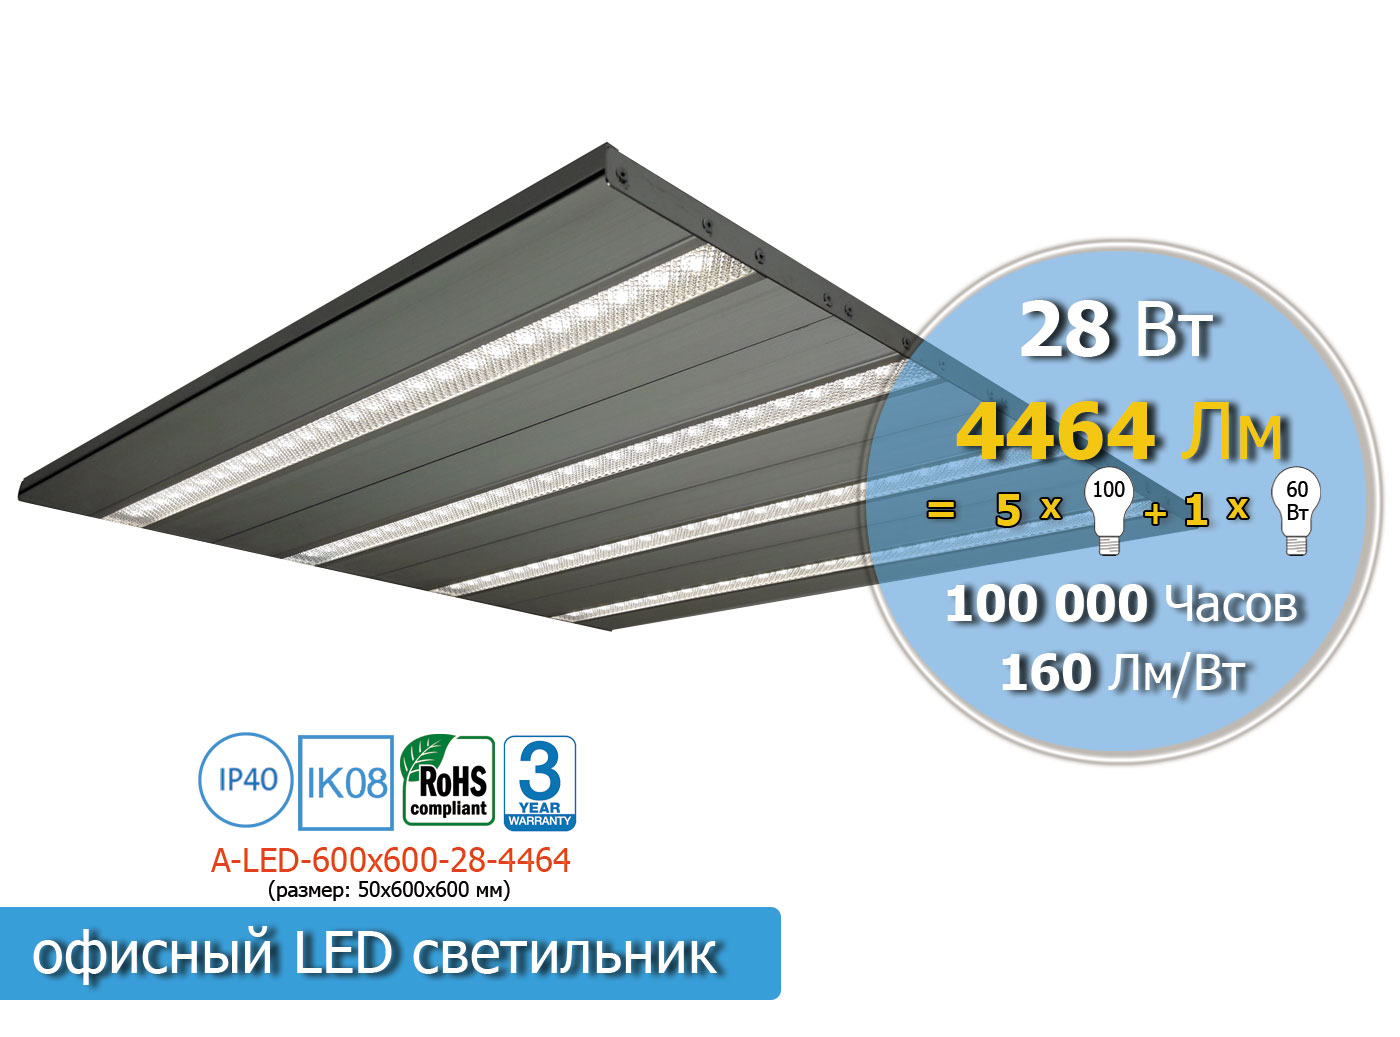 A-LED-600x600-28-4464-Alum